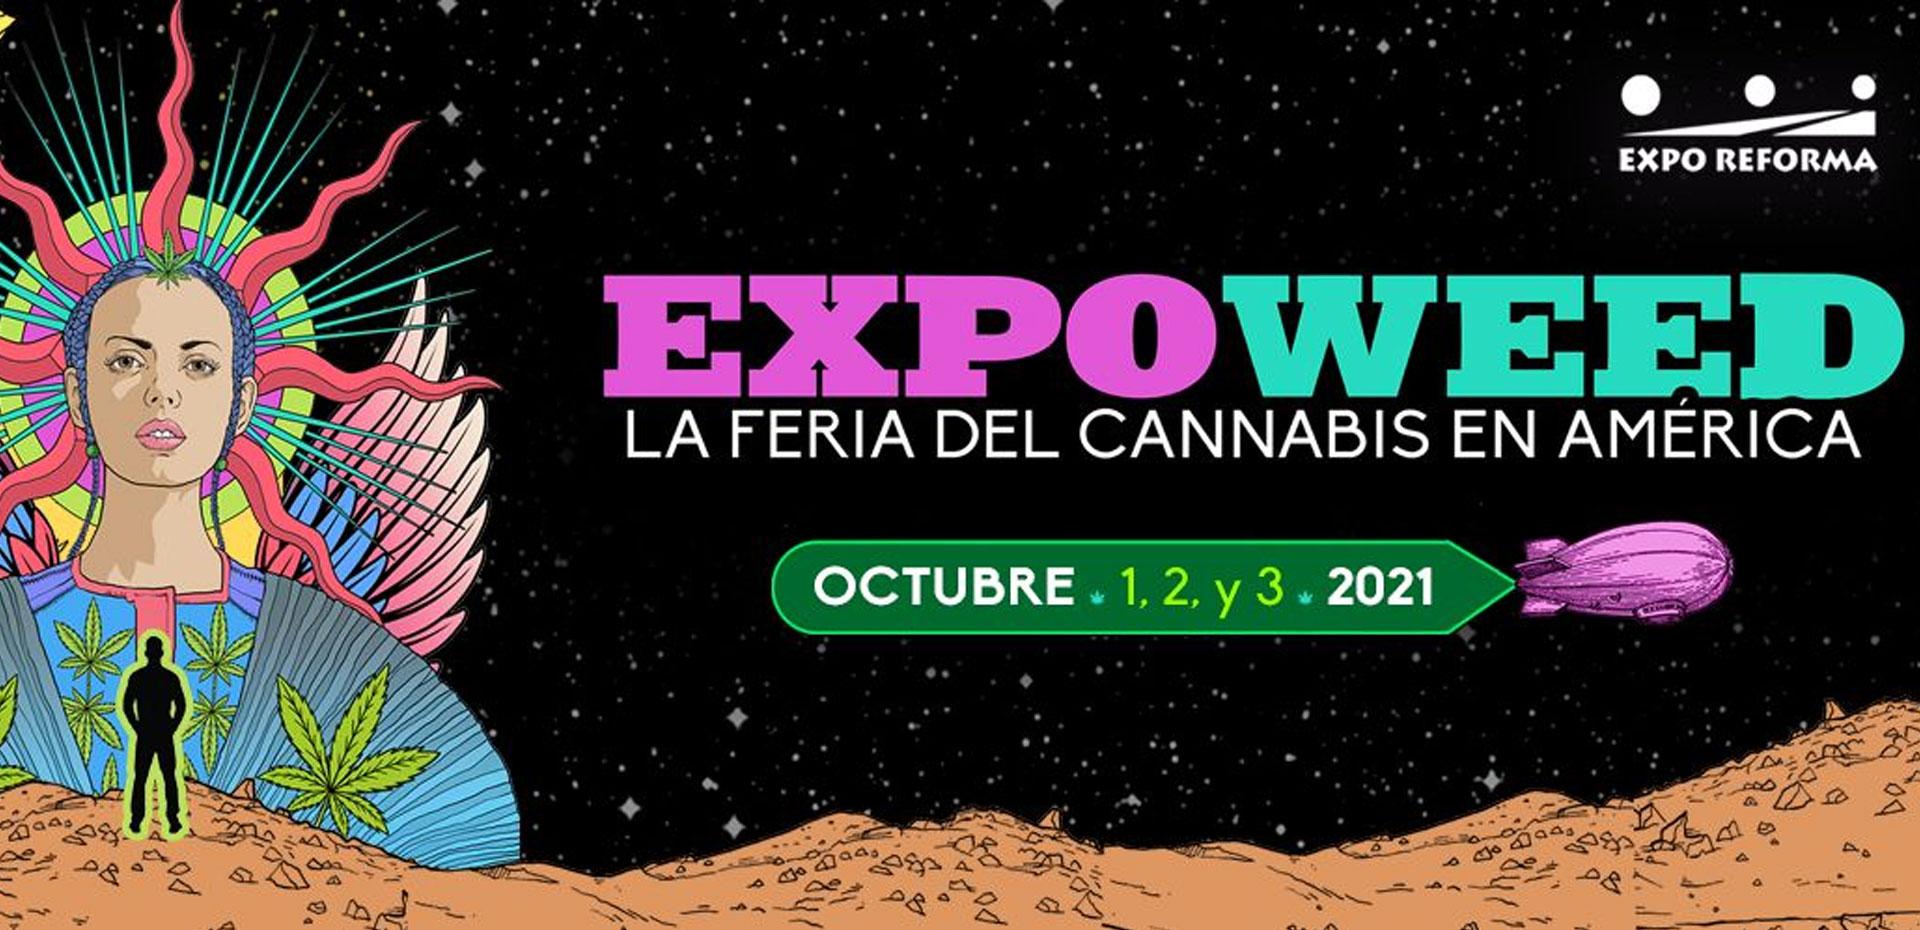 La Feria del Cannabis en América